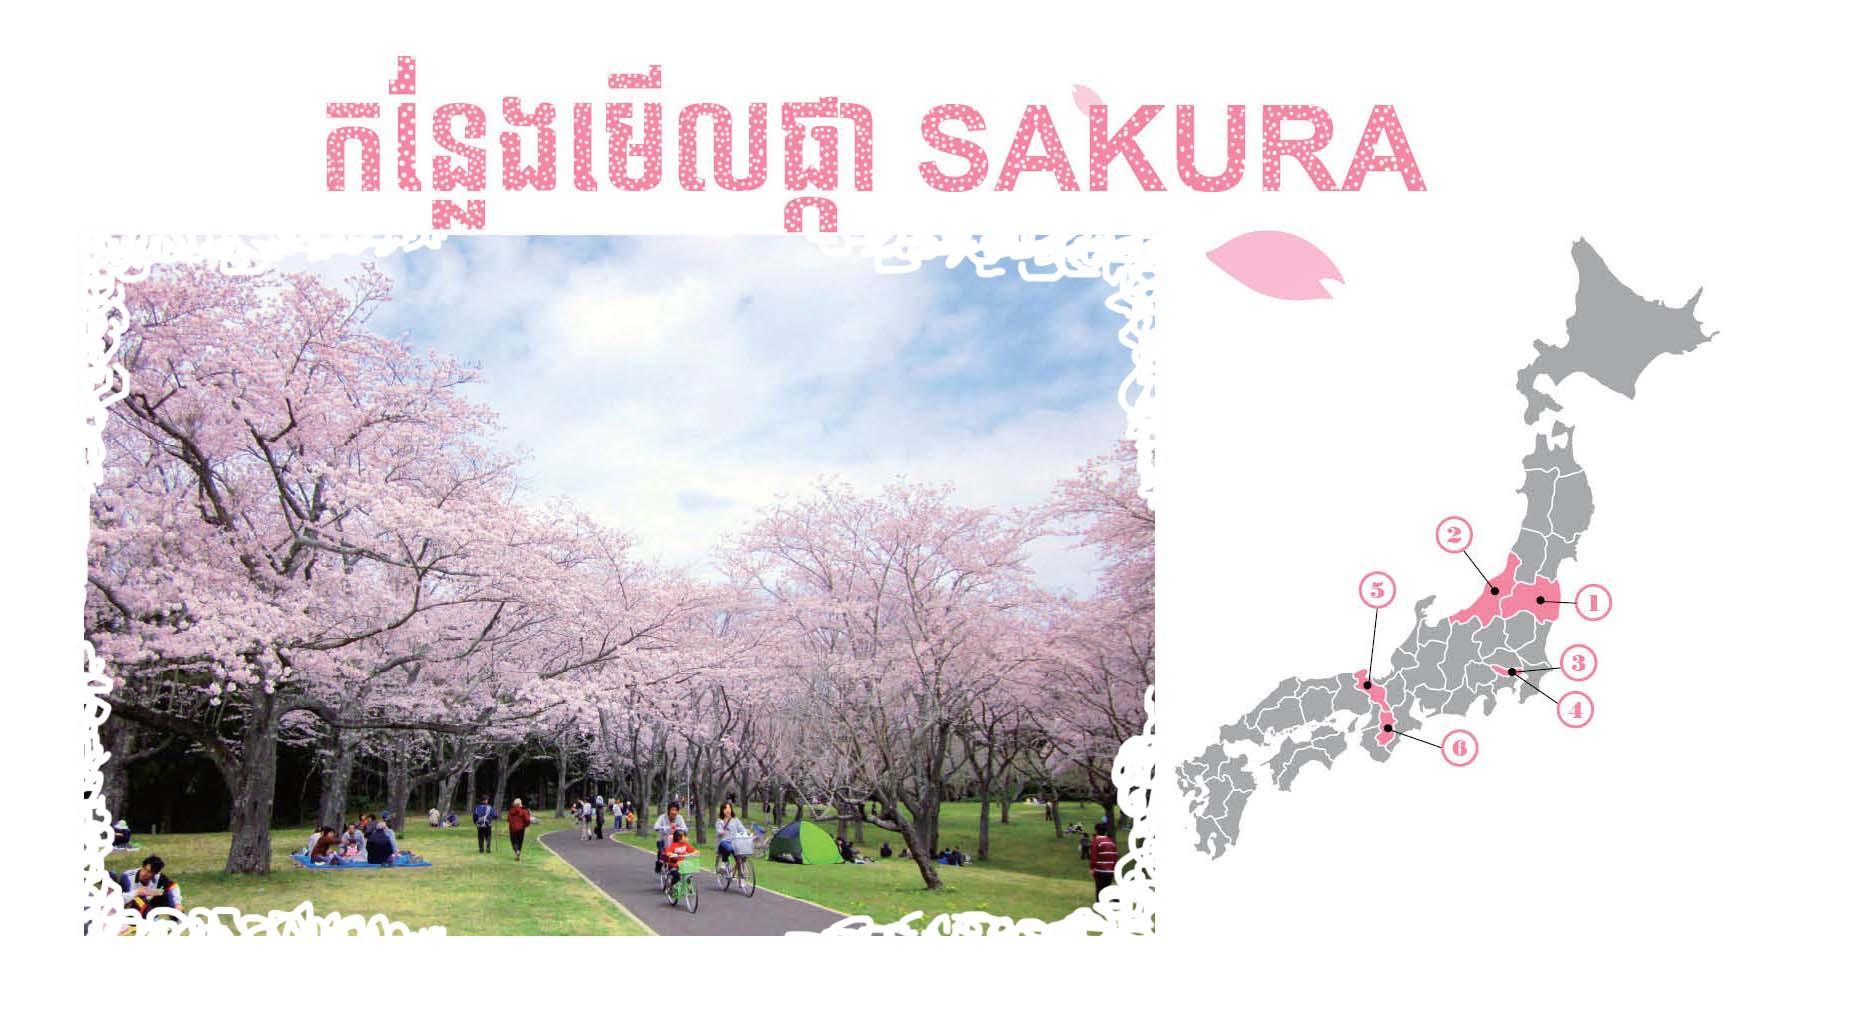 (ភាសាខ្មែរ) កន្លែងមើលផ្កា SAKURA 【Special2】